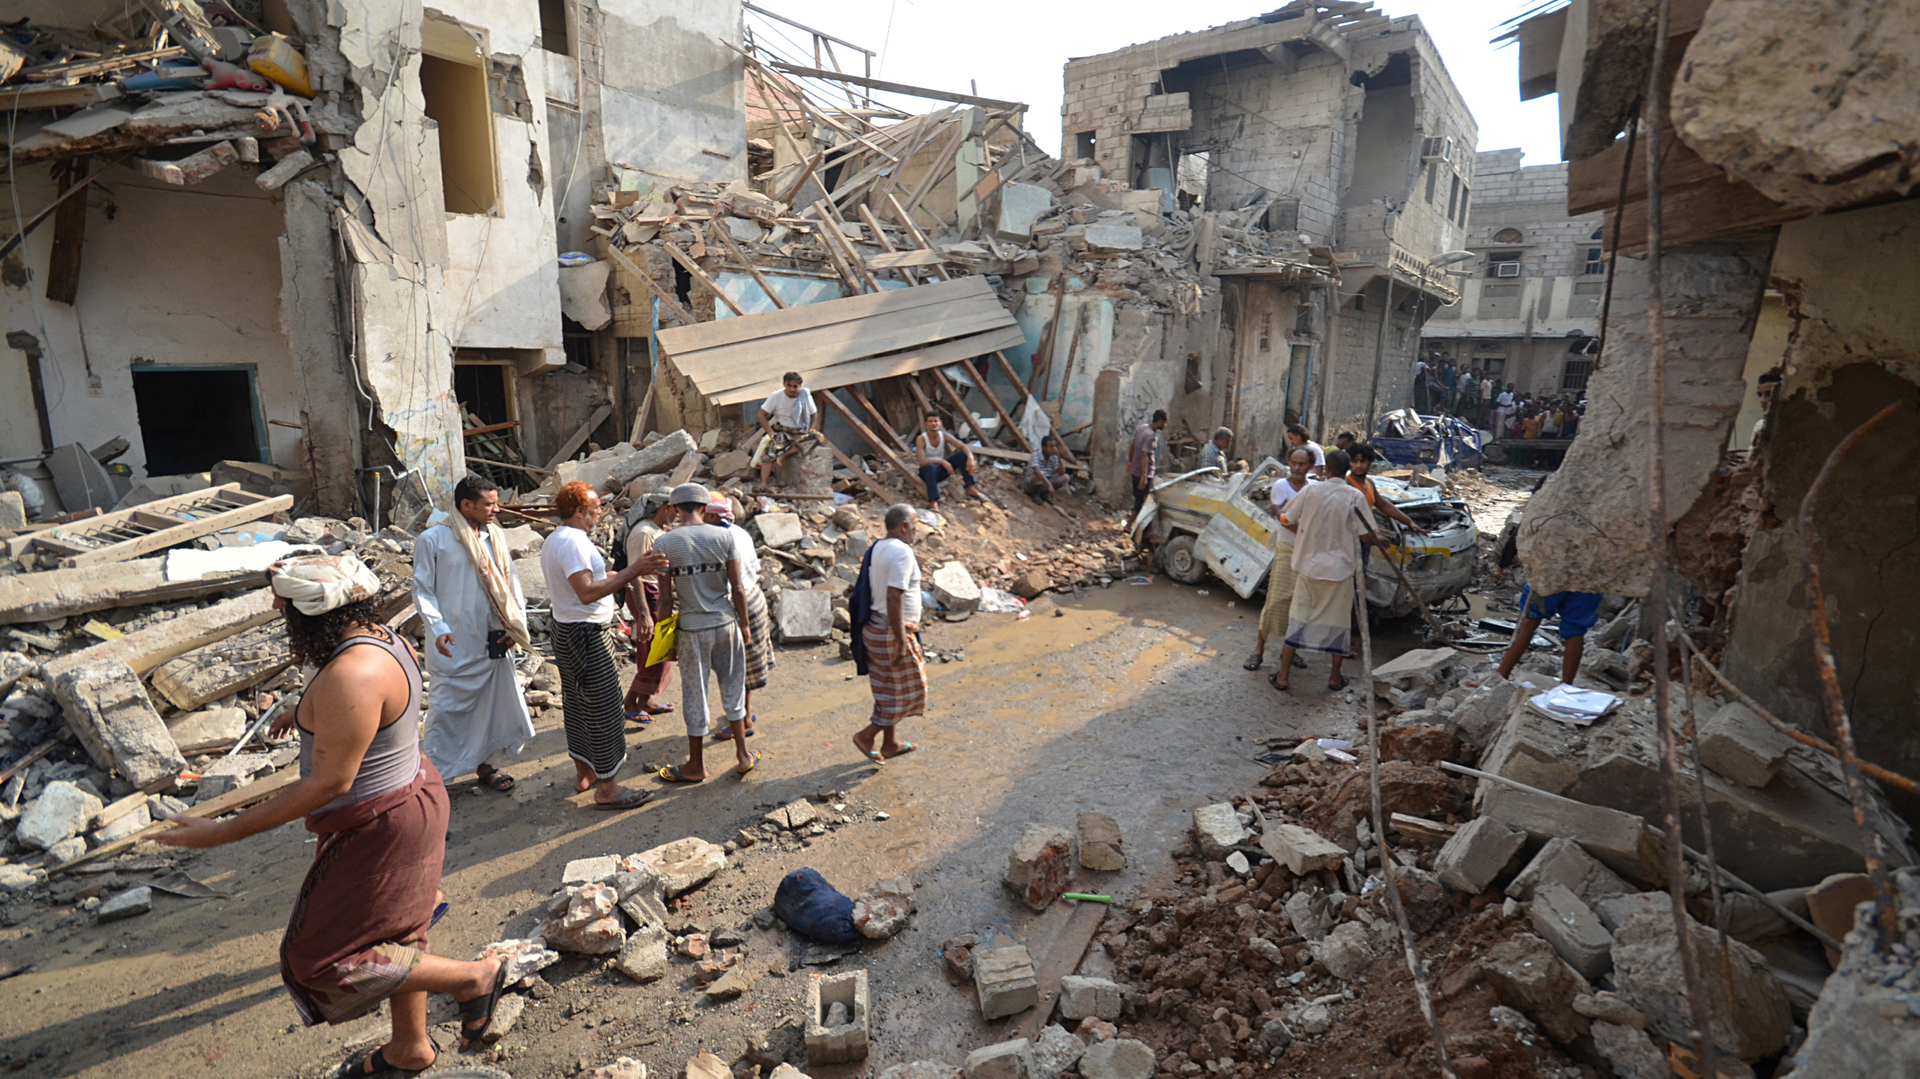 При авианалёте арабской коалиции в Йемене погибли 25 человек